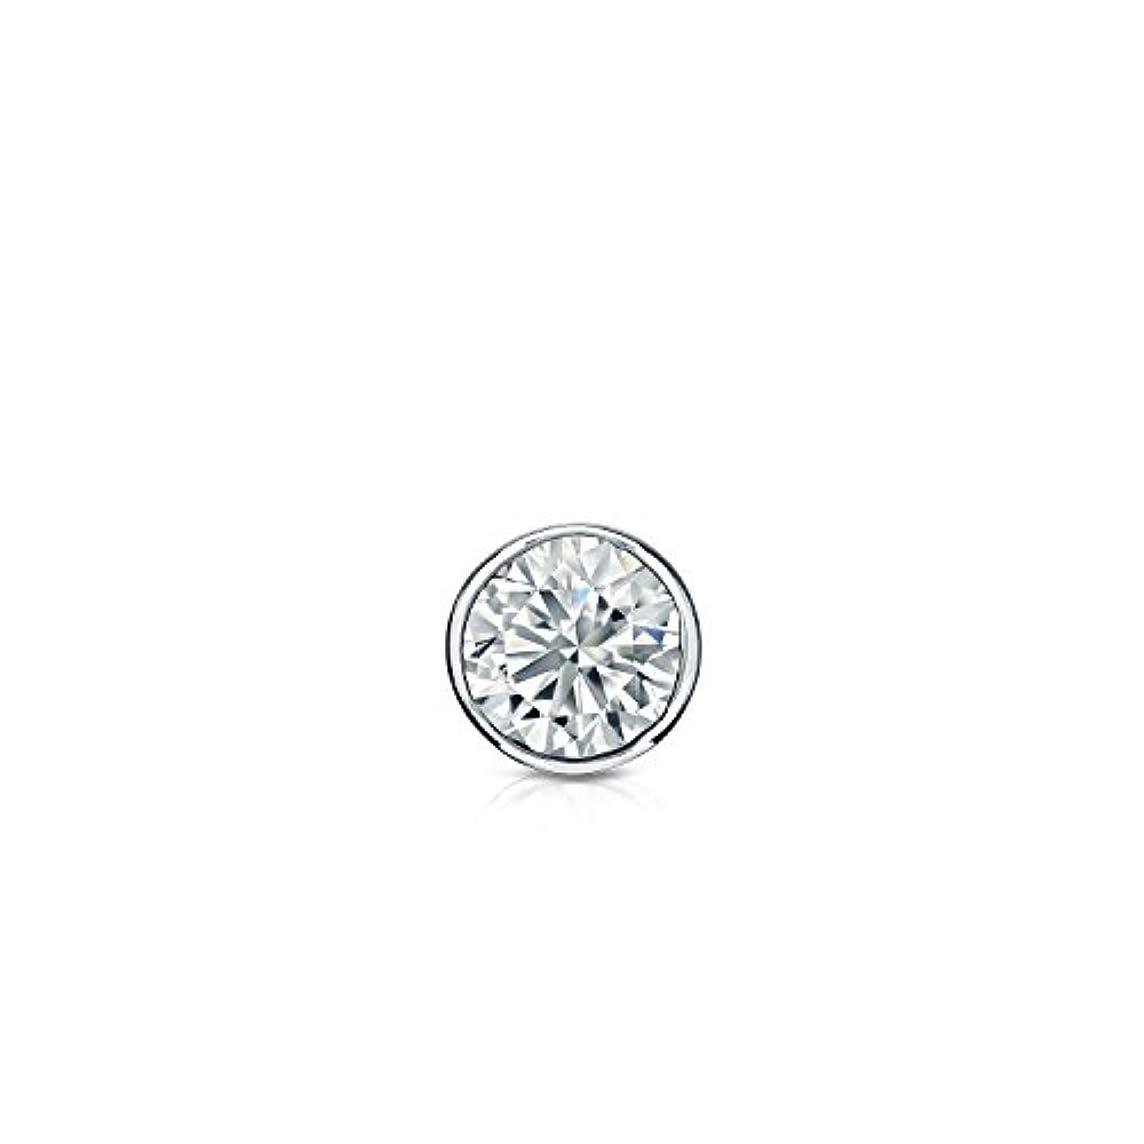 ペストリーブルジョンプレゼンター18 Kゴールドbezel-setラウンドダイヤモンドシングルスタッドイヤリング( 0.08ct、Good、si1-si2 ) screw-back